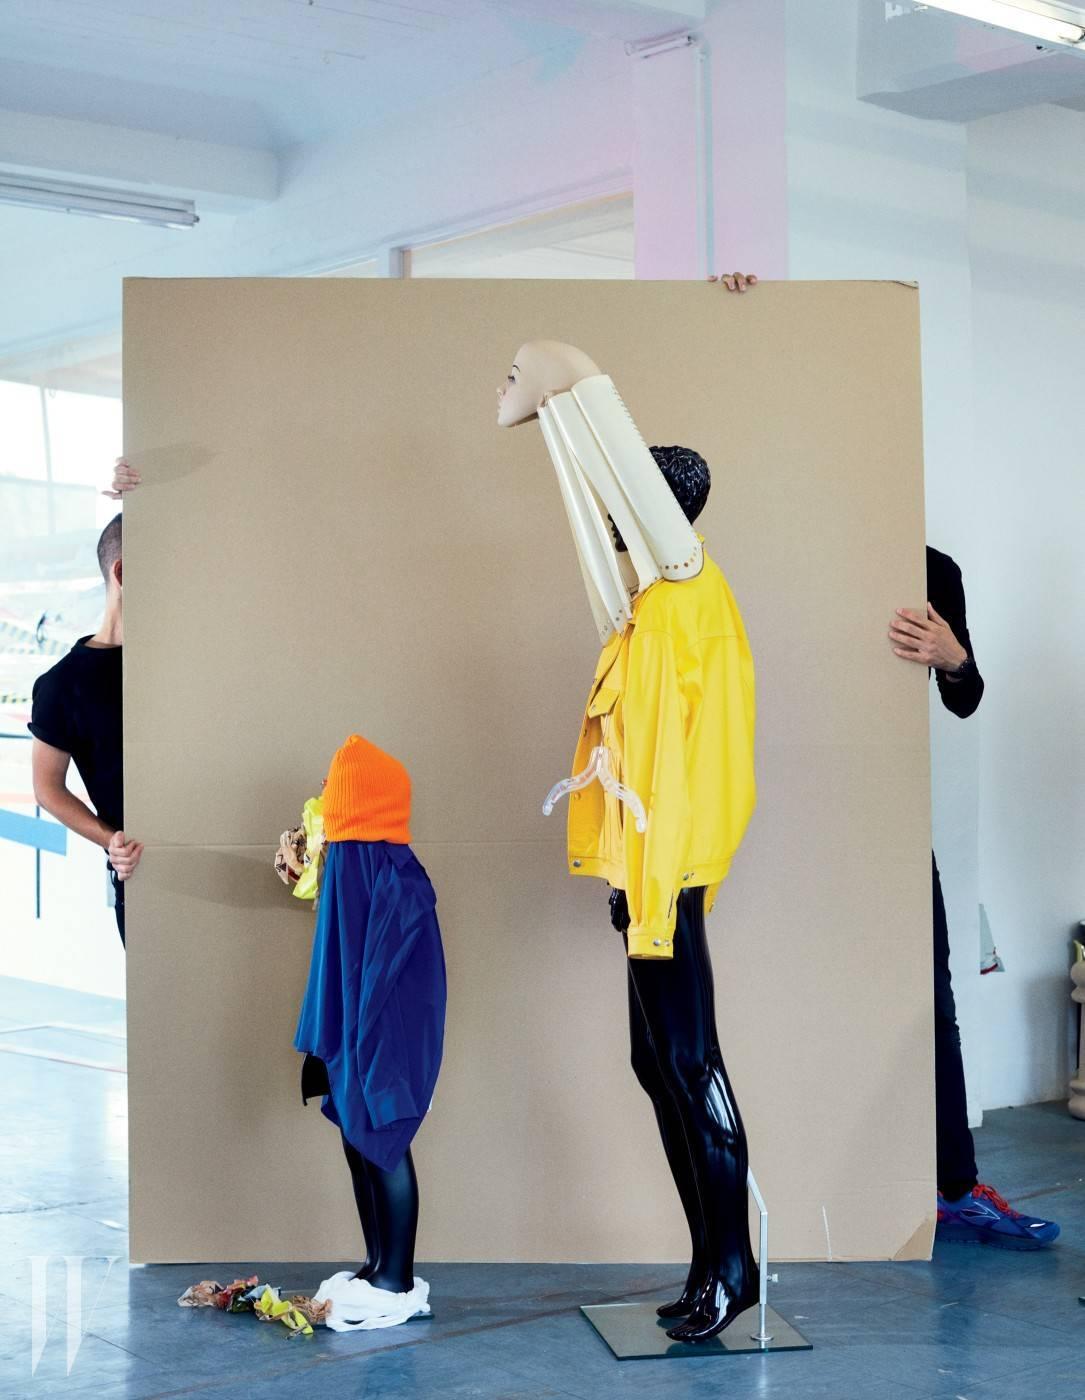 왼쪽 마네킹이 입고 쓴 재킷과 비니는 작가 소장품, 셔츠는 DKNY, 발 부분에 놓인 흰색 탱크톱은 얼터너티브 어패럴 제품. 오른쪽 마네킹이 입은 재킷은 작가 소장품.